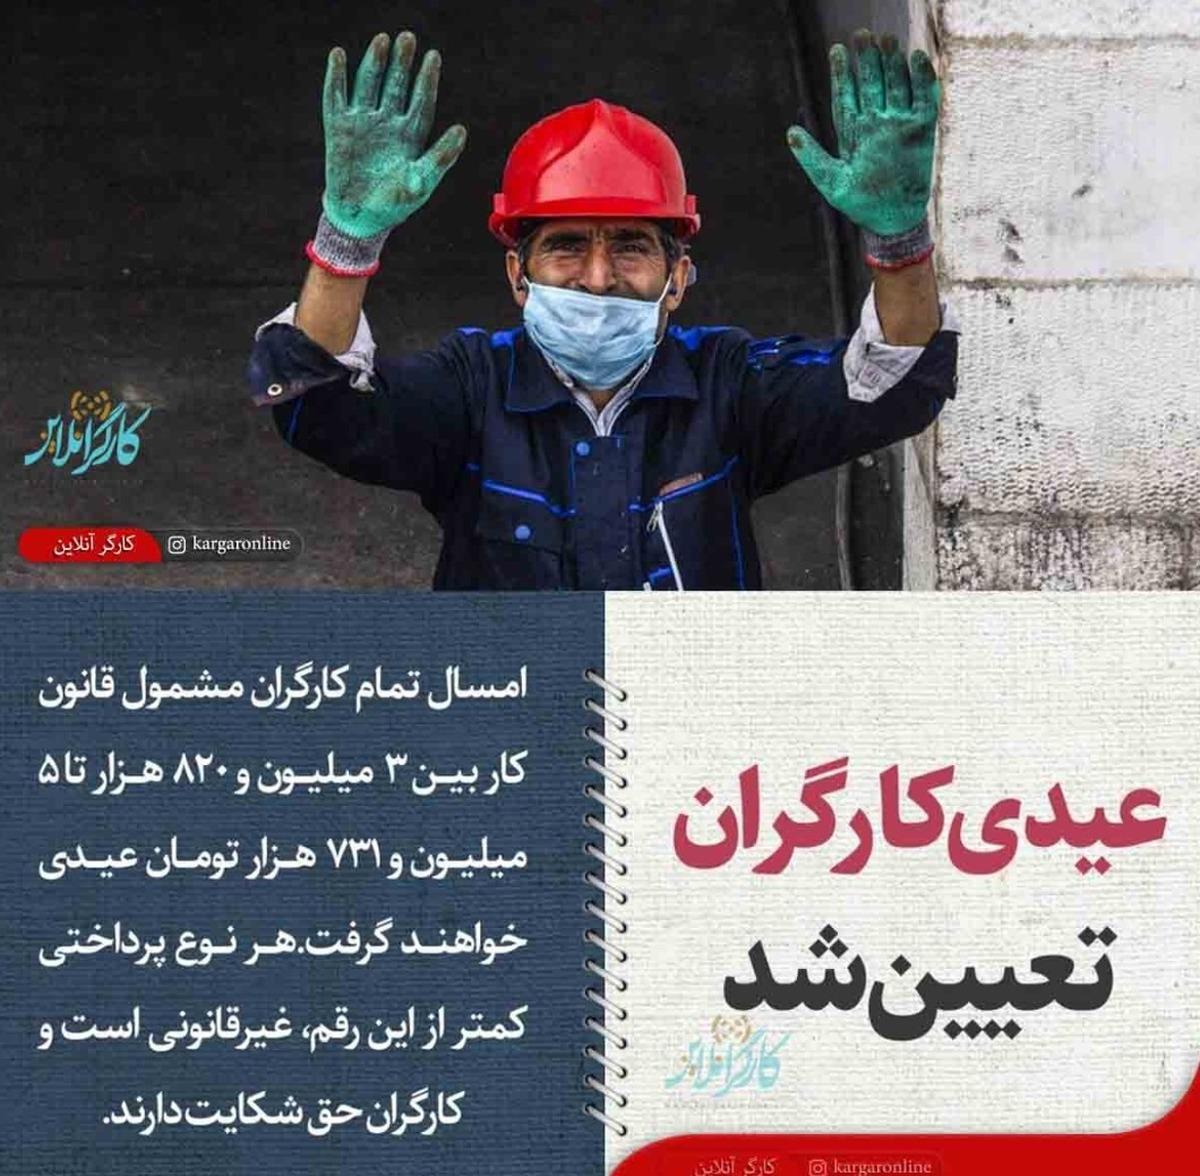 عیدی کارگران در سال جدید چقدر است؟  جزییات تازه از عیدی کارگران